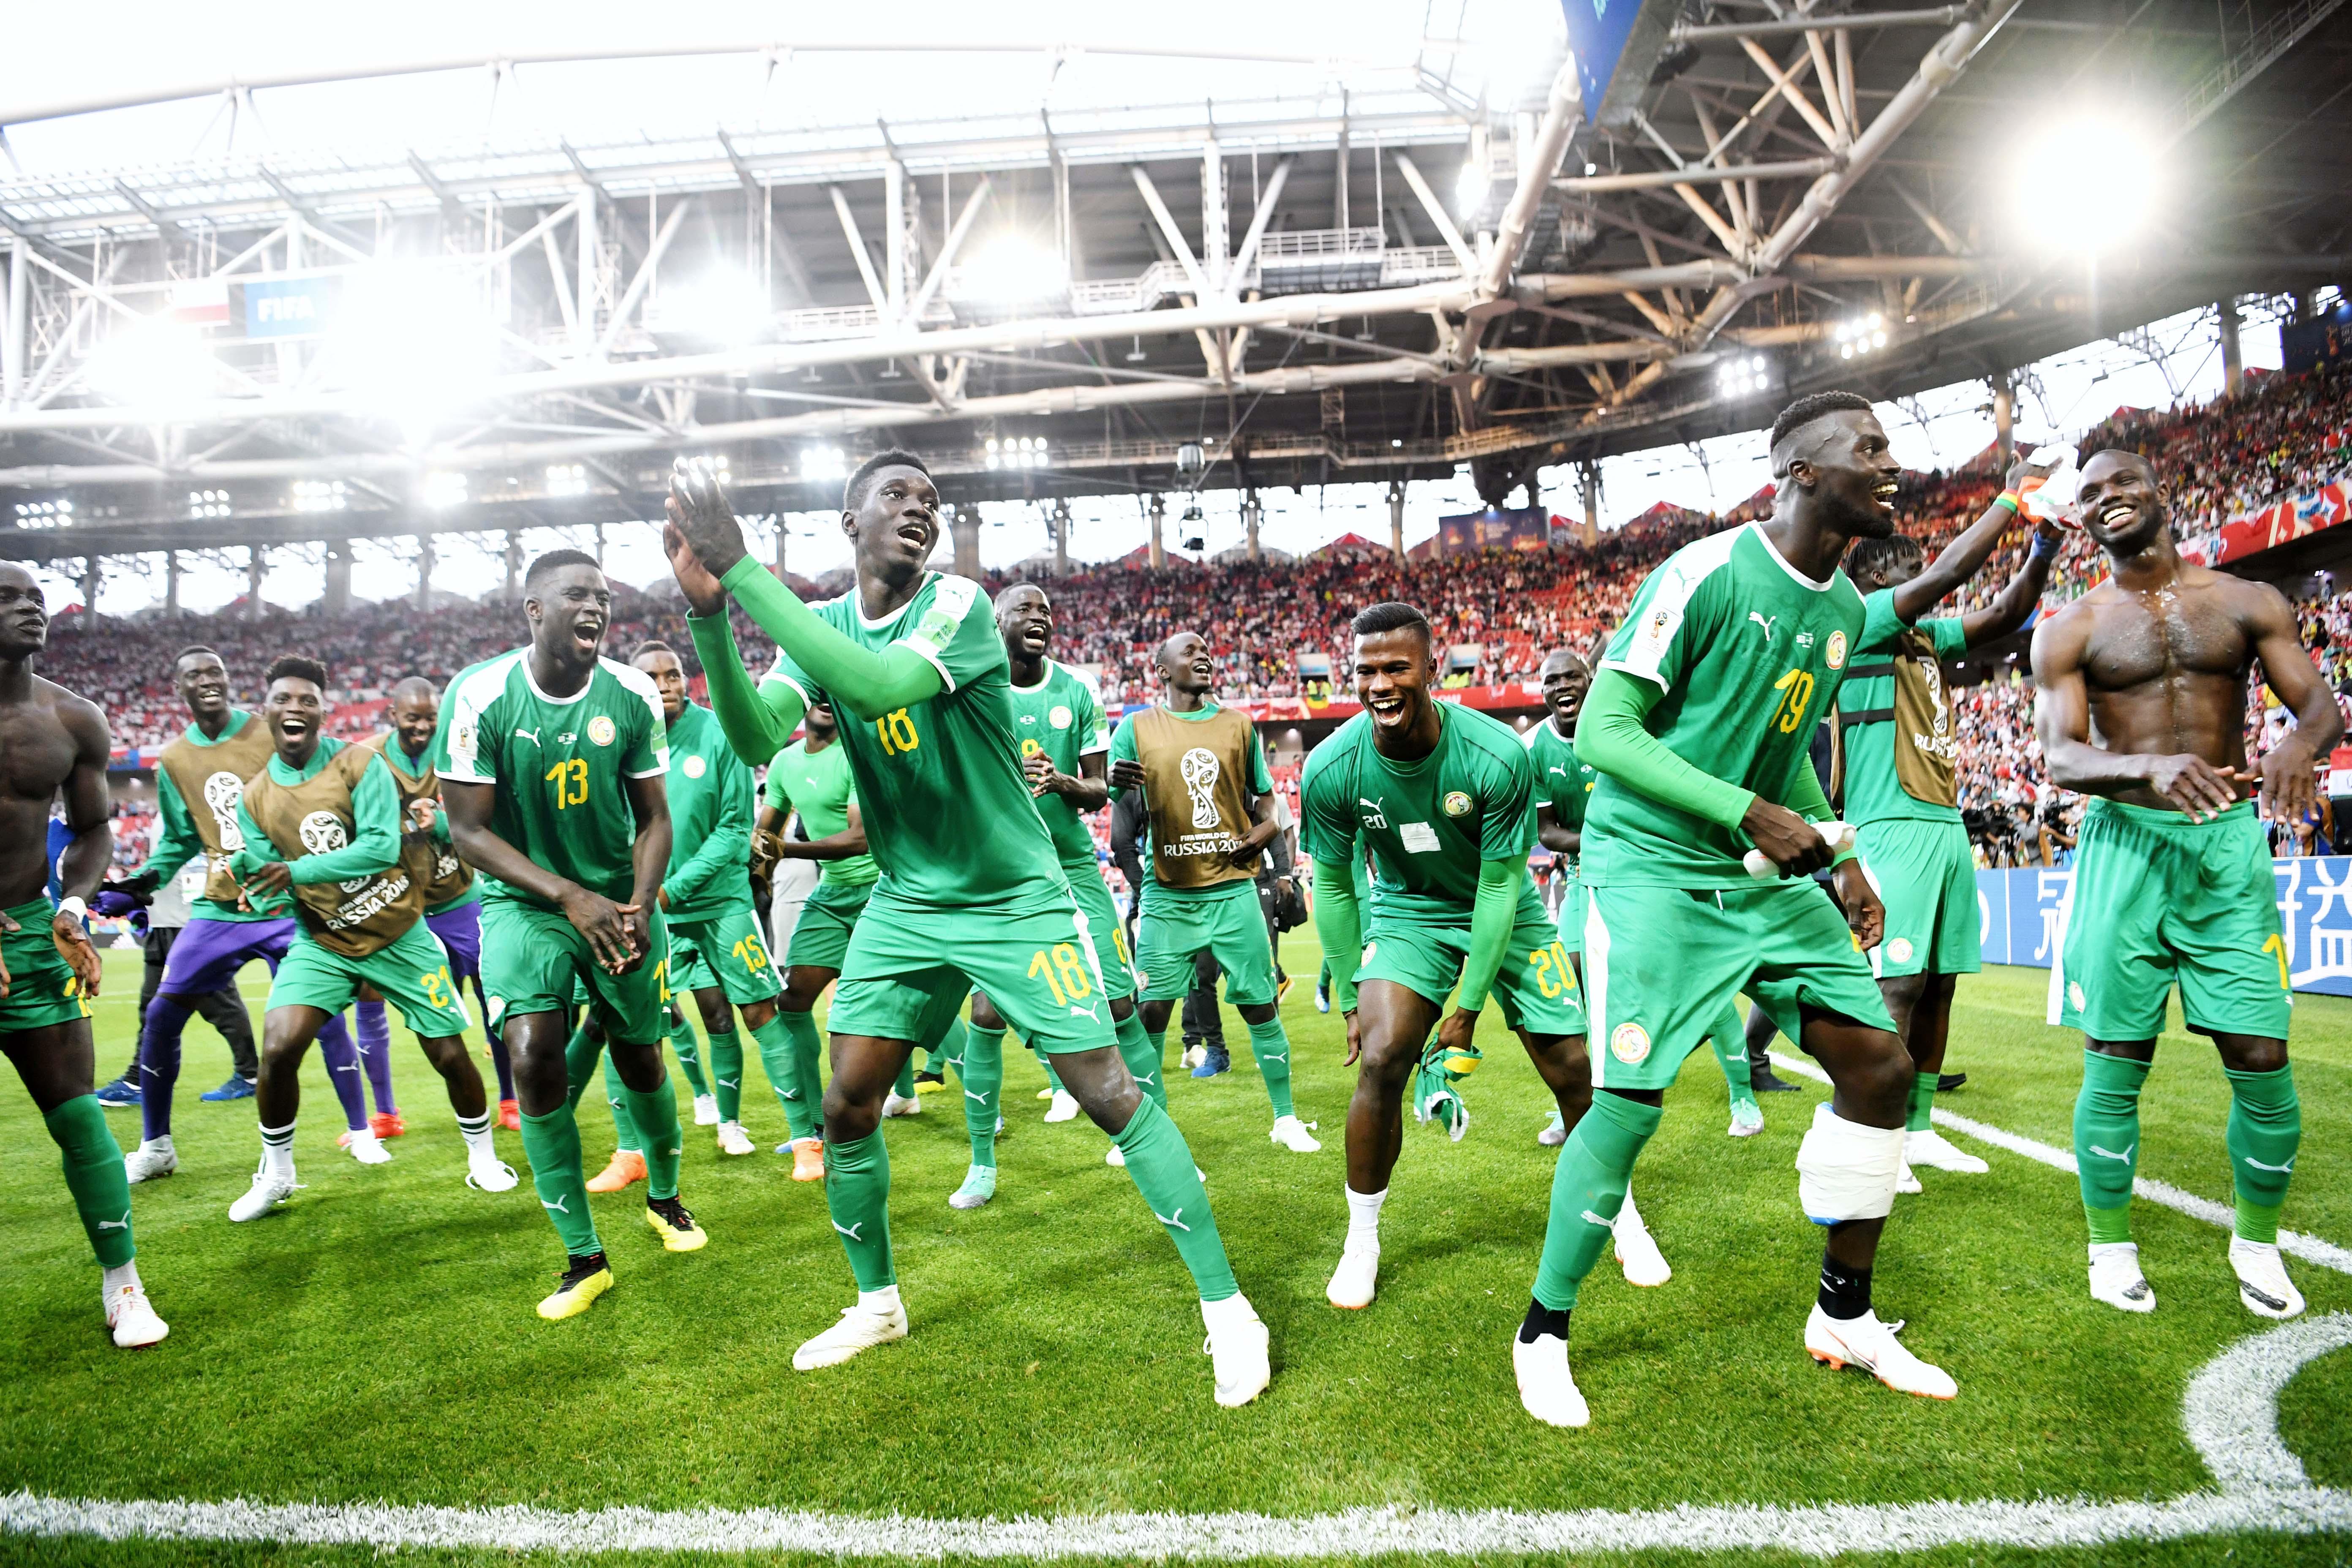 Сборная Сенегала отметила победу надПольшей танцами нафутбольном поле.